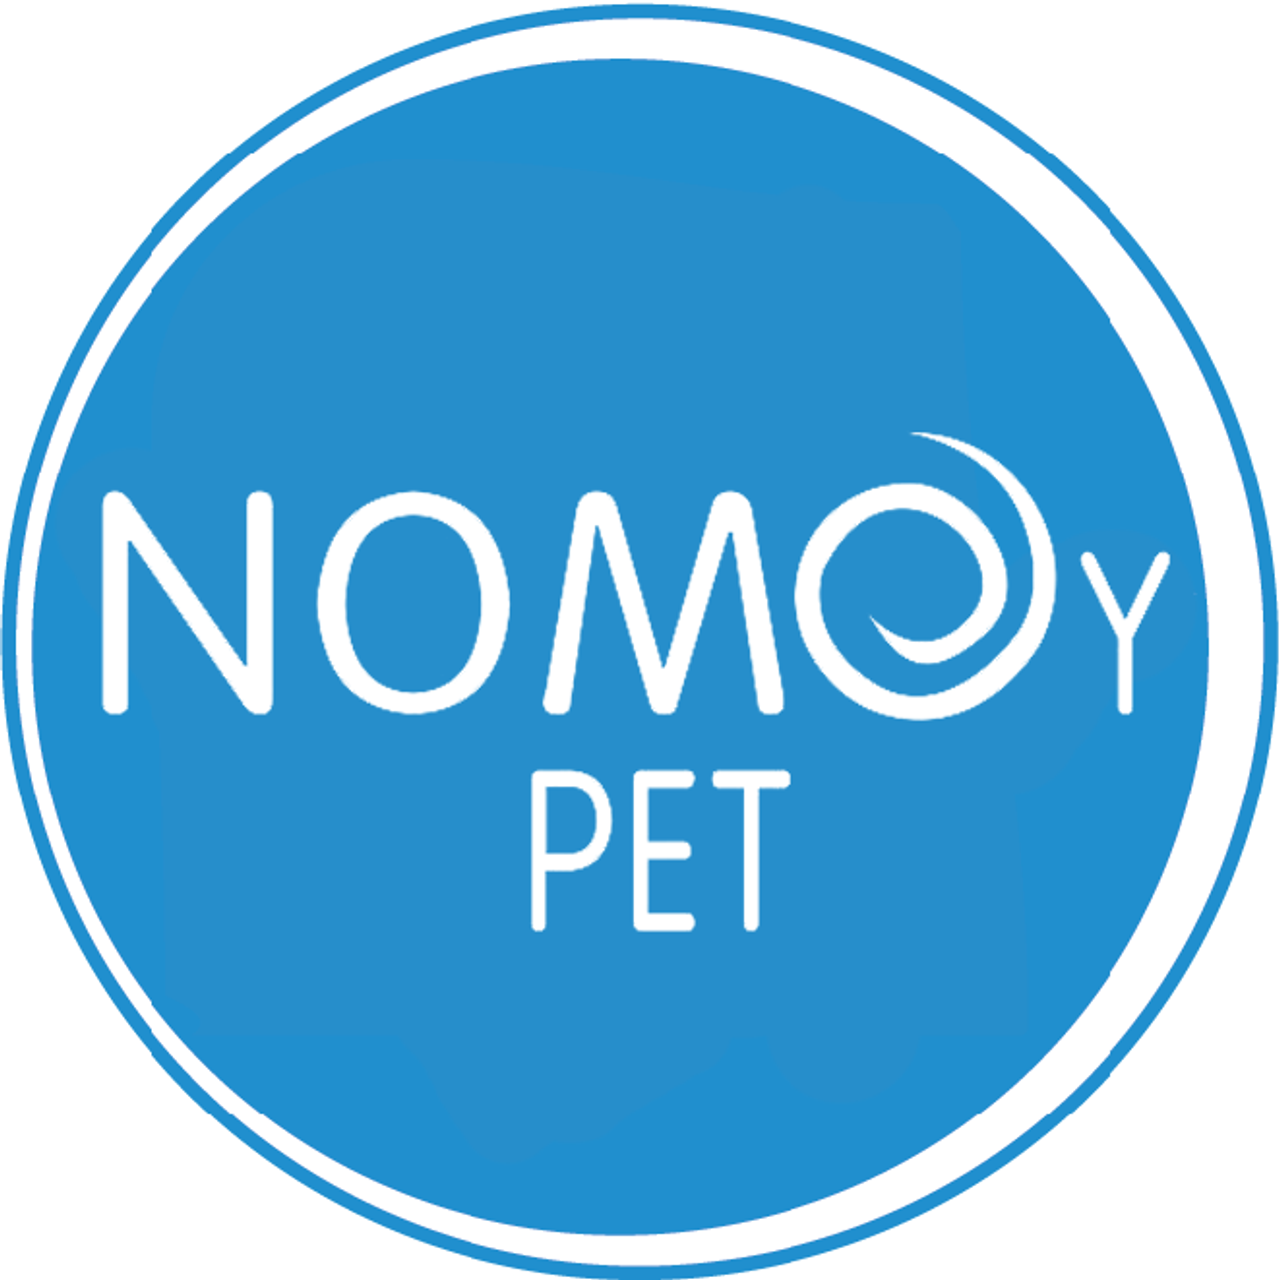 Nomoy Pet